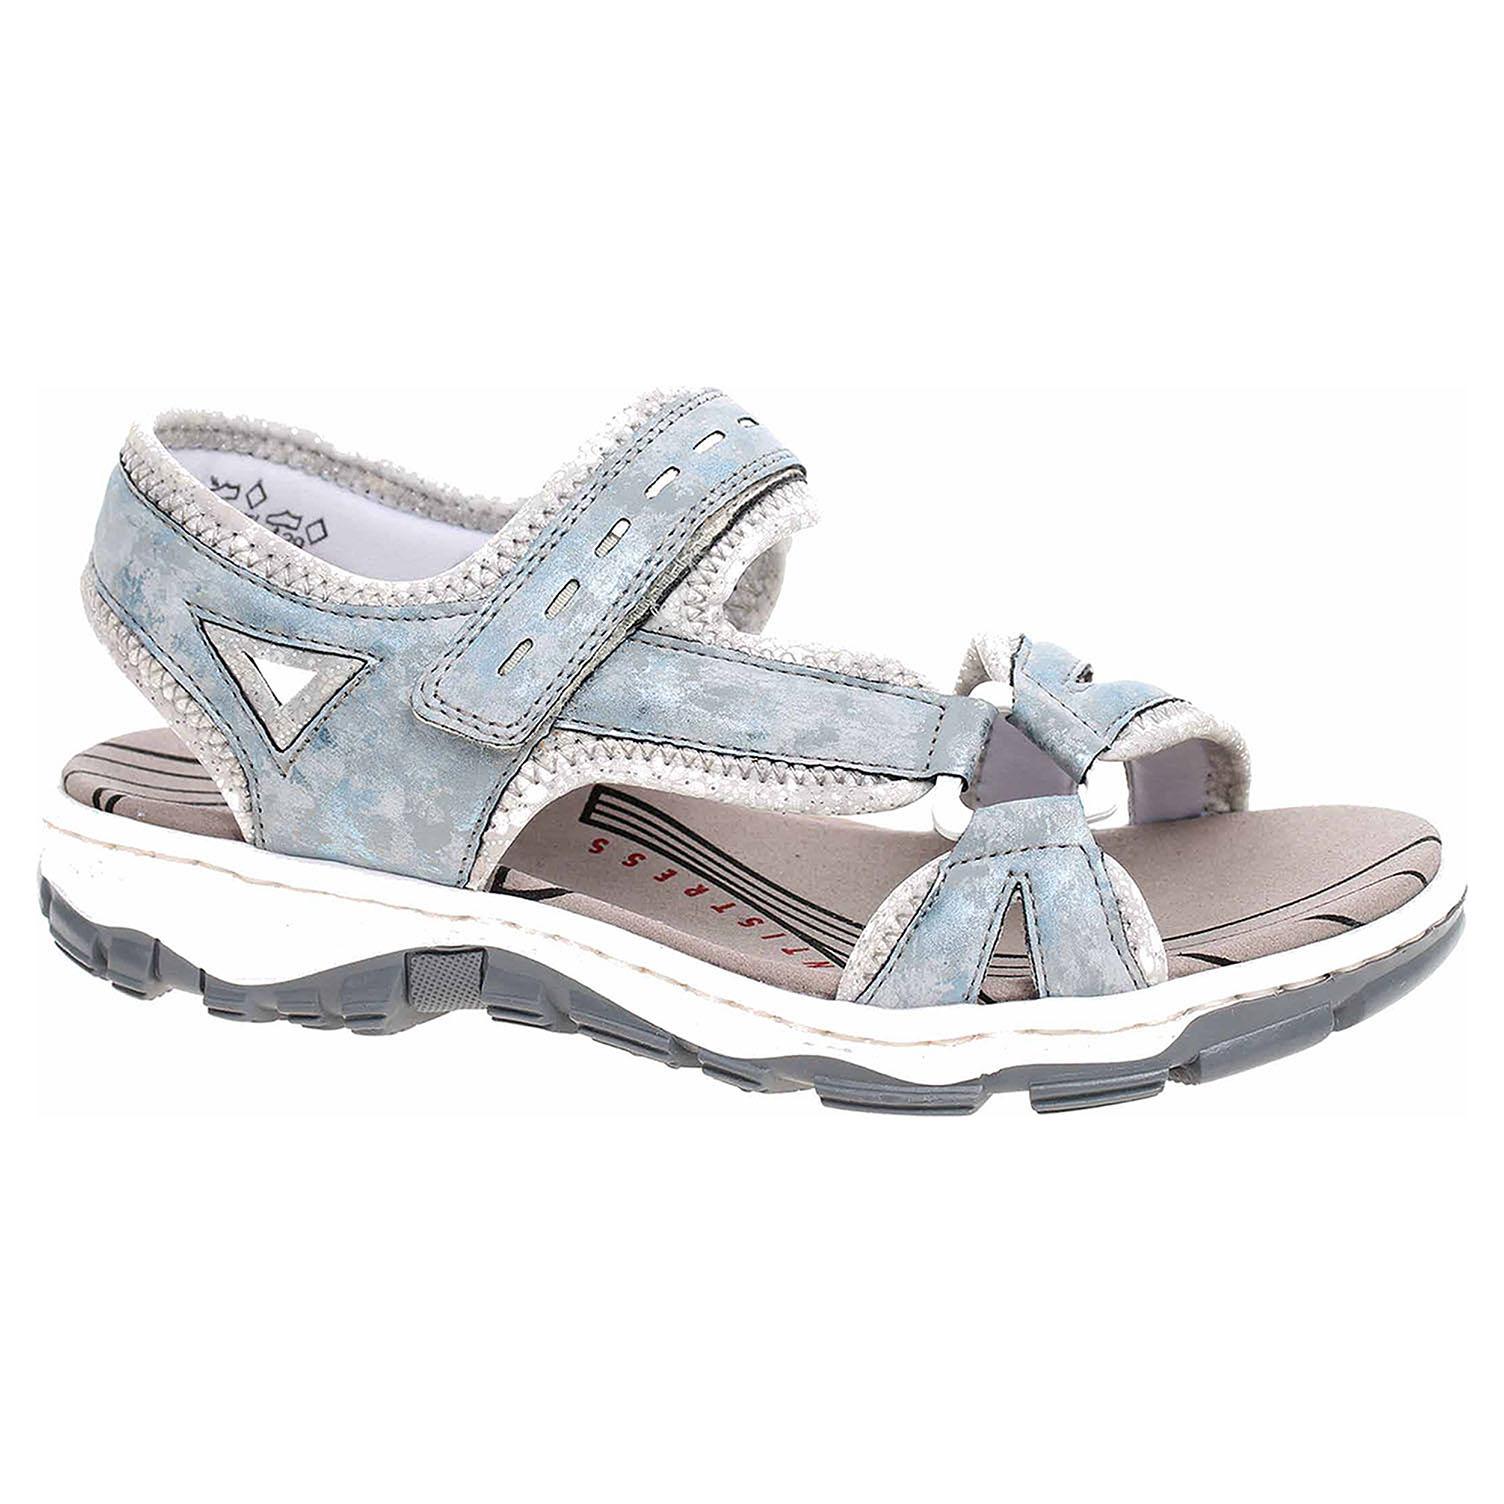 d7d96408eaf2 detail Dámske sandále Rieker 68879-12 blau